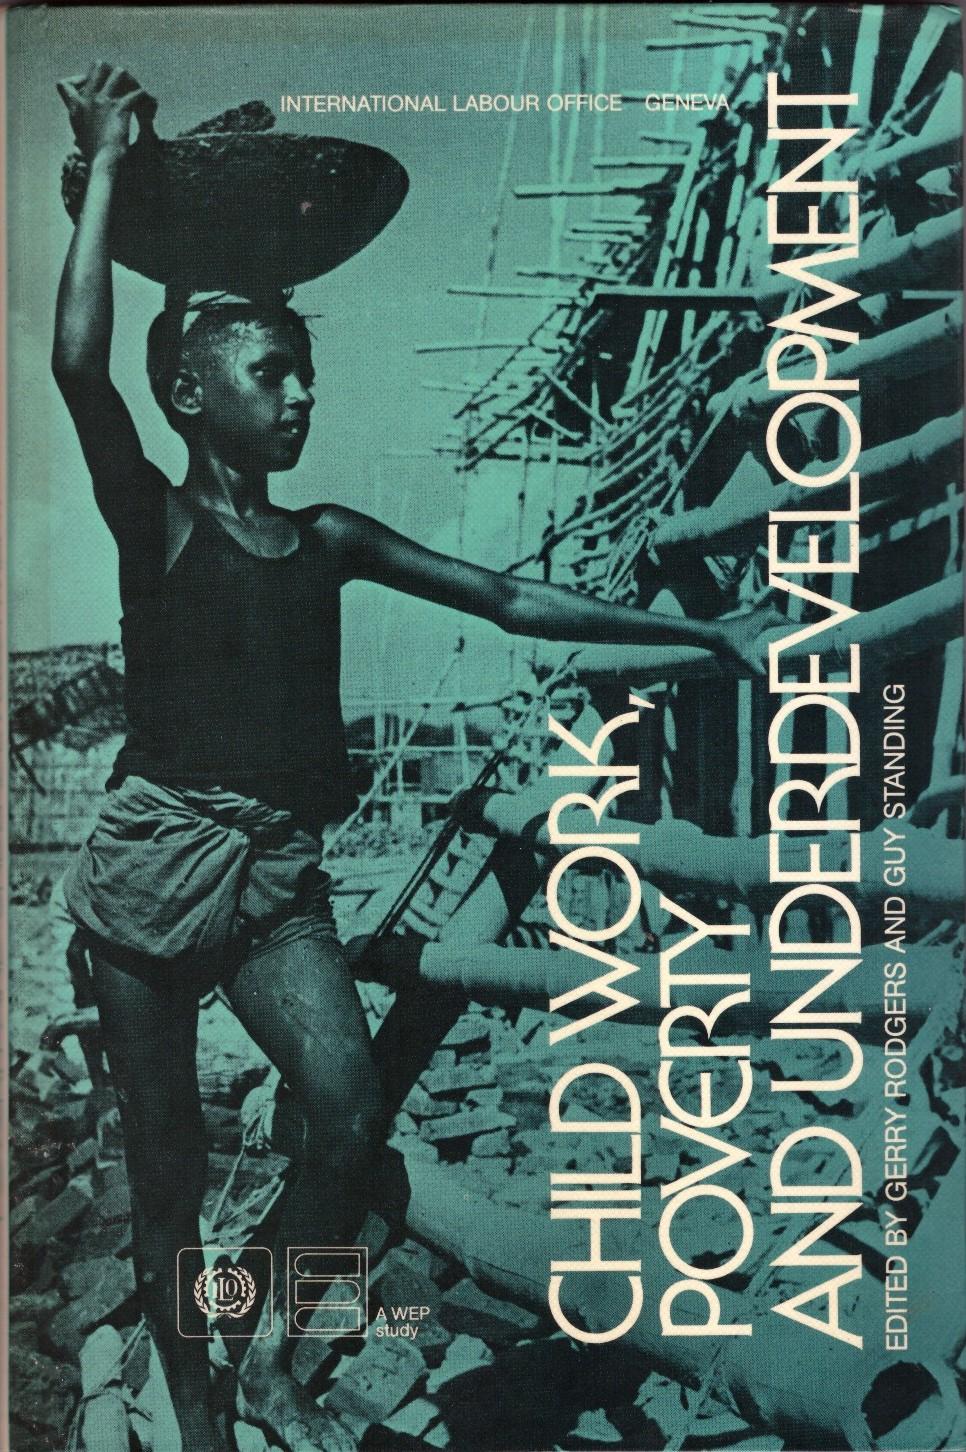 Child work, poverty & underdevelopment